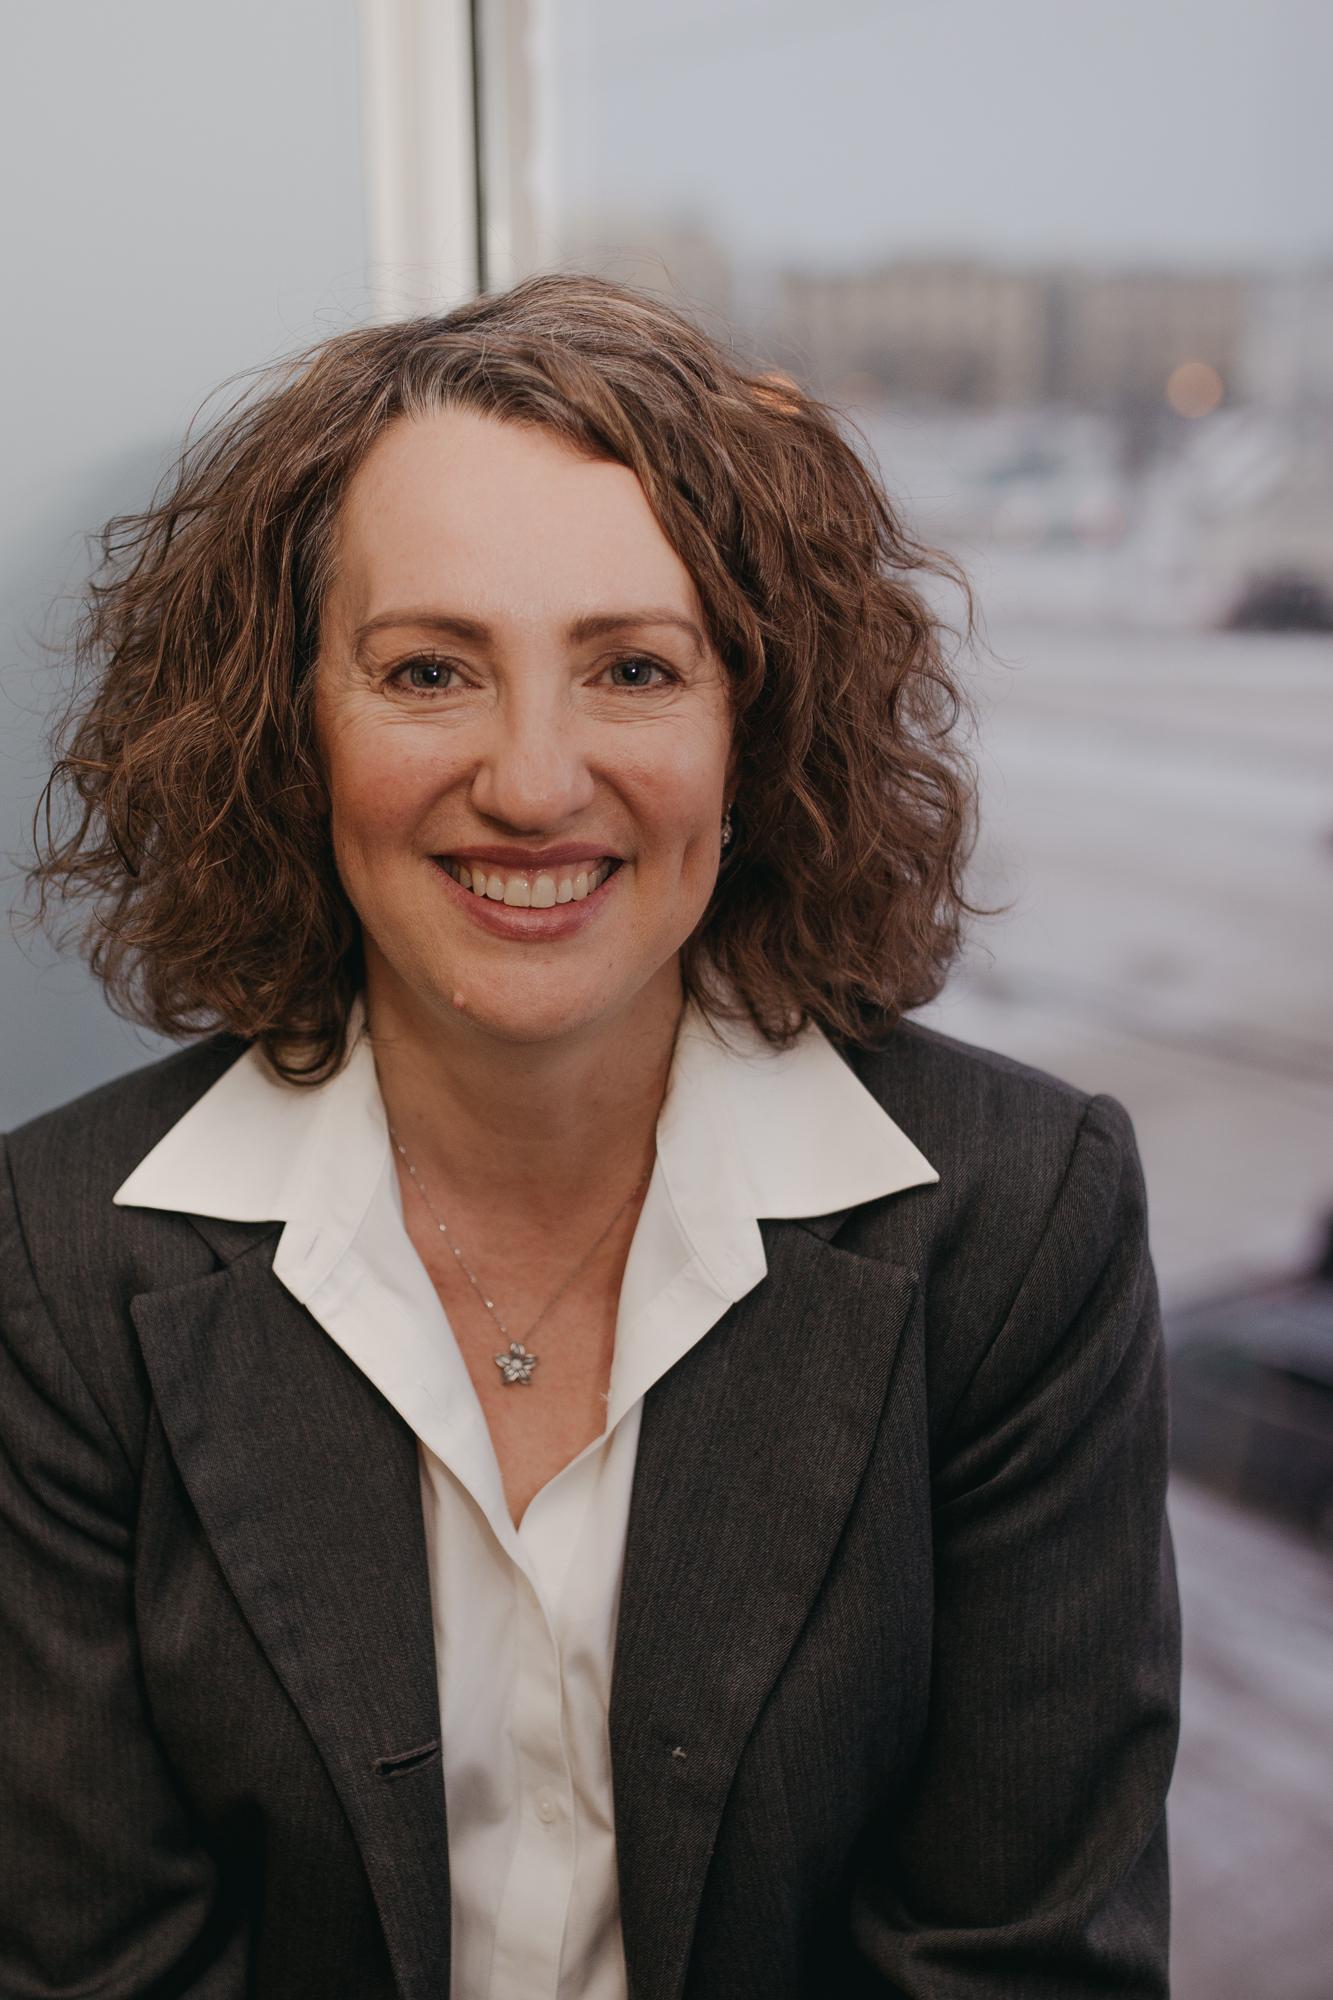 Florence Carey